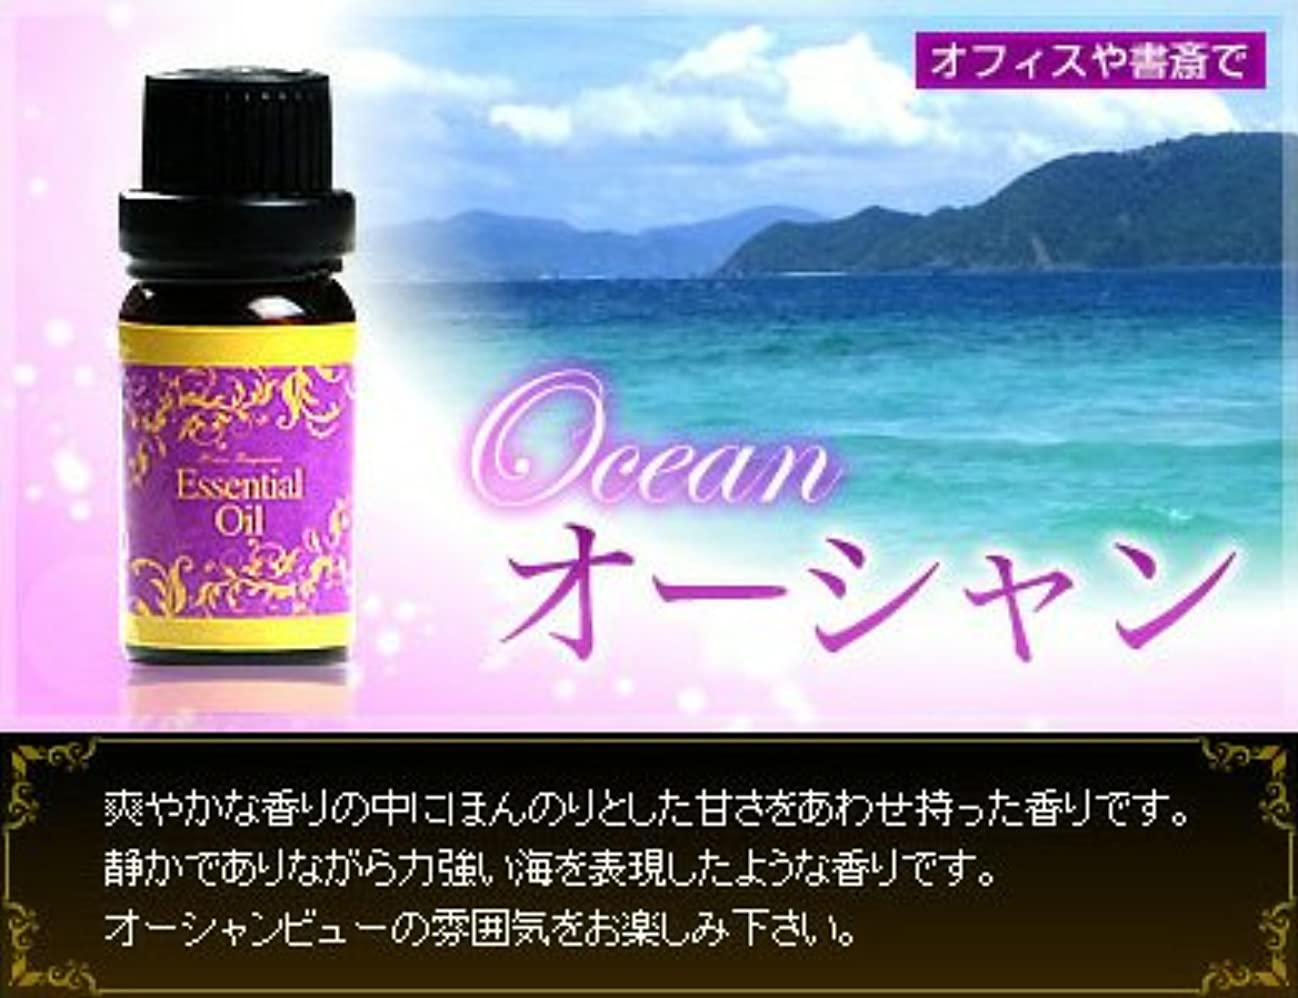 豊富適応するタバコエッセンシャルオイル10ml (オーシャン)